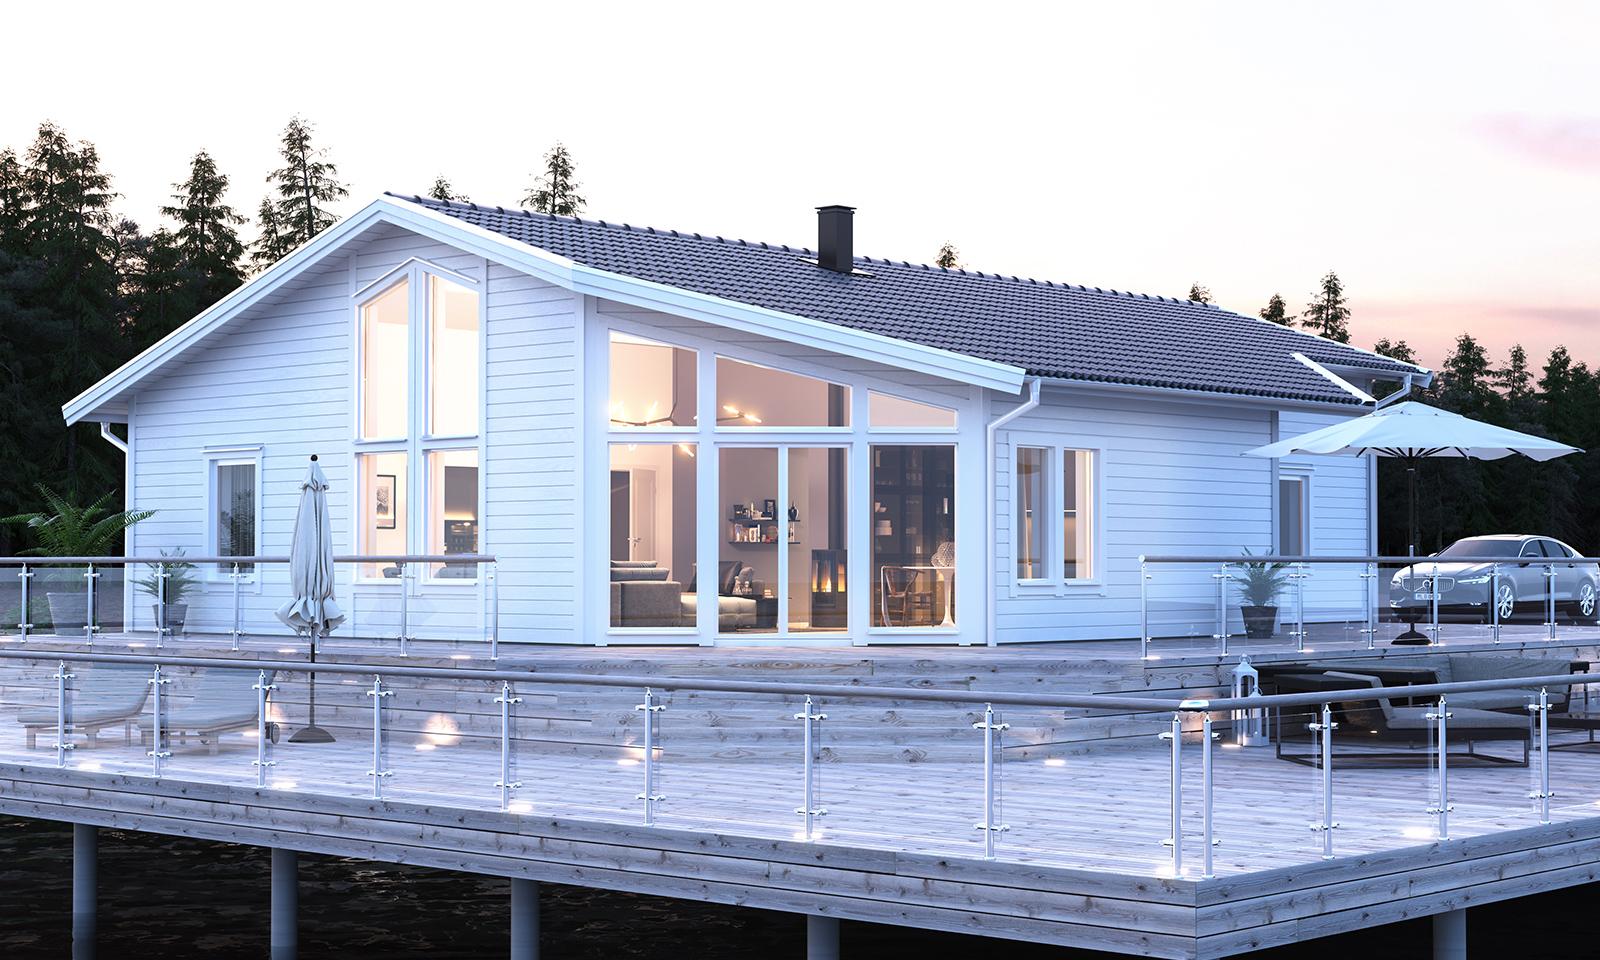 Köpa hus & villa online - pris direkt på A-hus Online